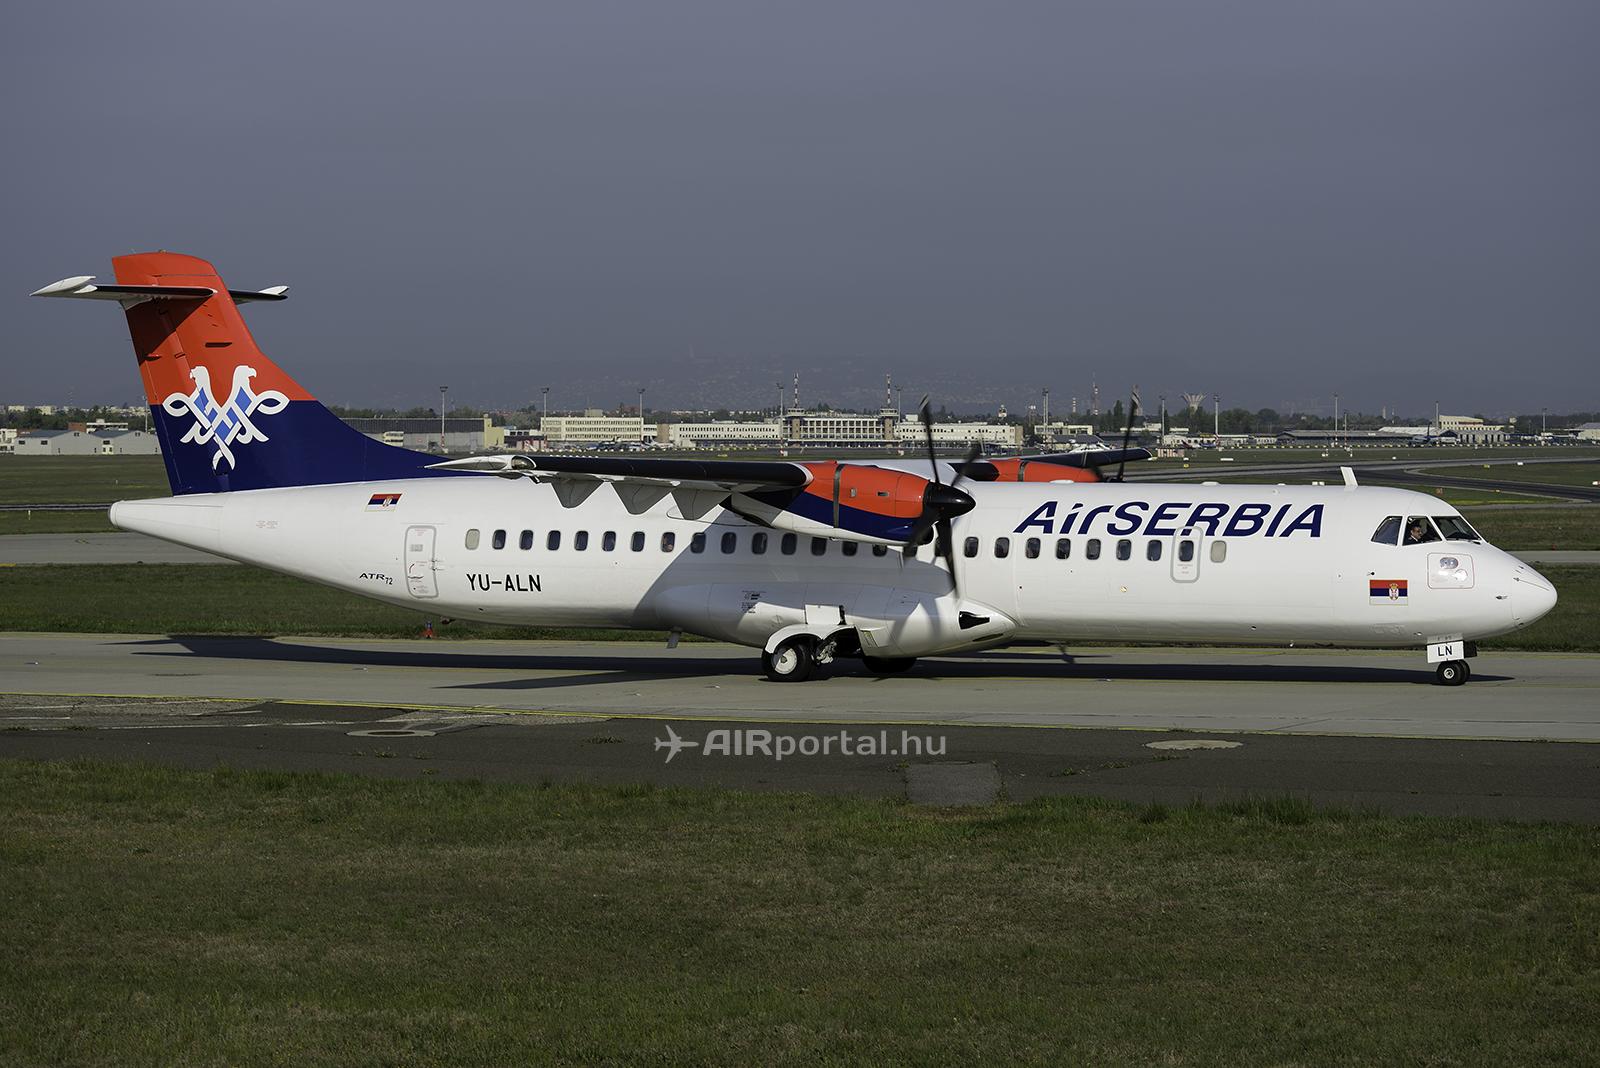 23 év után újraindul a Belgrád-Zágráb légi útvonal